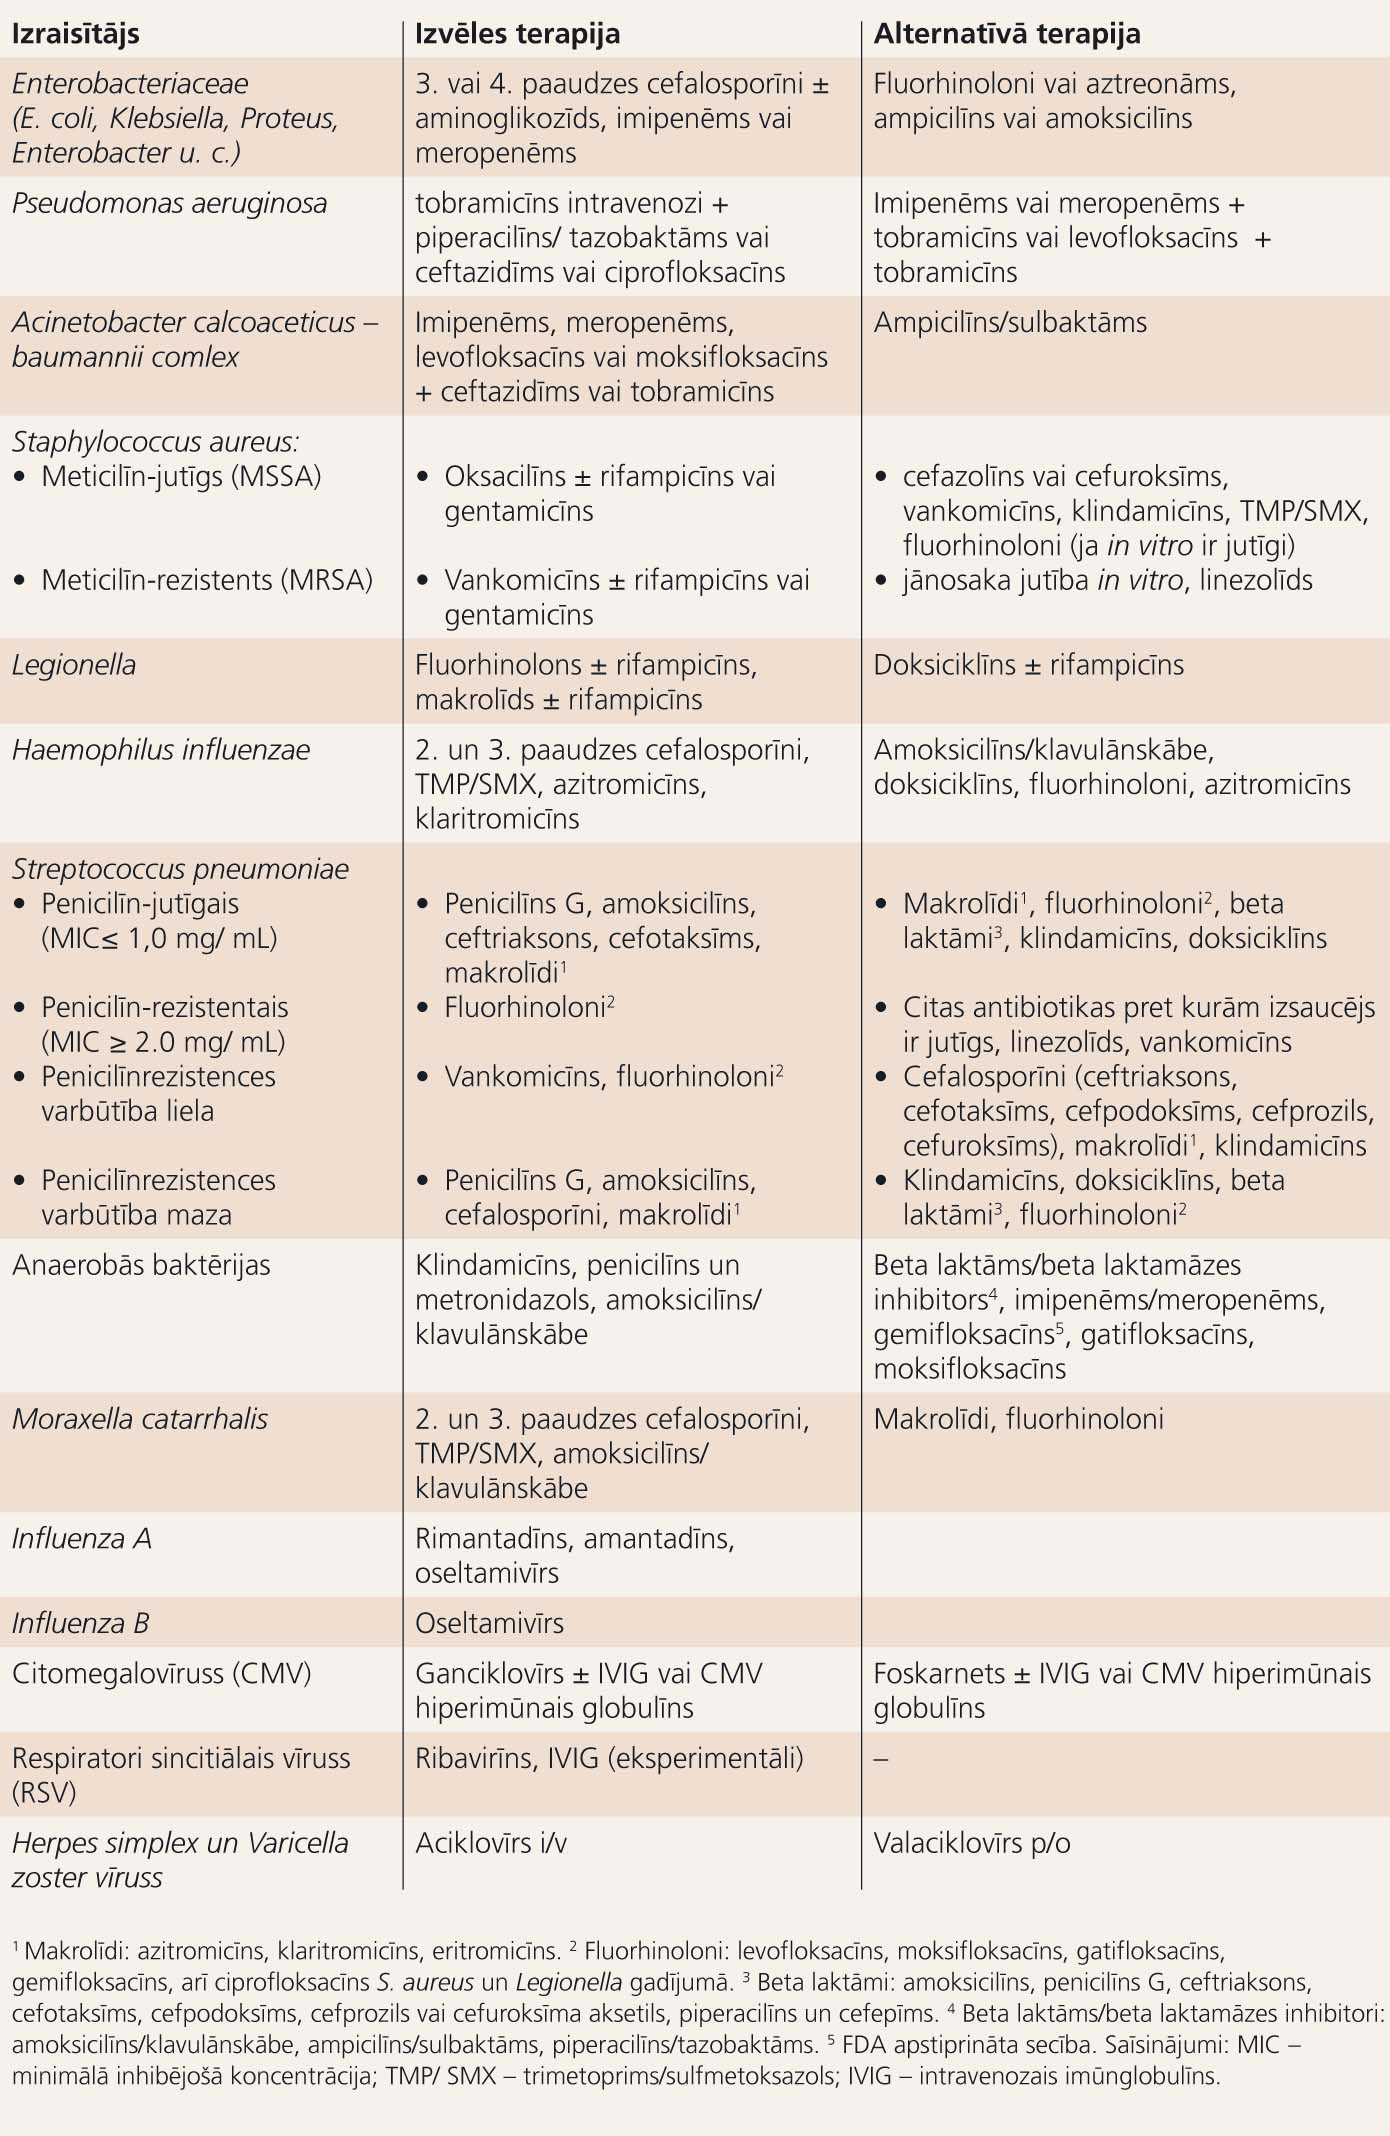 Hospitālī iegūtas pneimonijas antimikrobiskā terapija pieaugušajiem,  ja izraisītājs ir zināms (ATS un IDSA 2005. gada rekomendācijas)